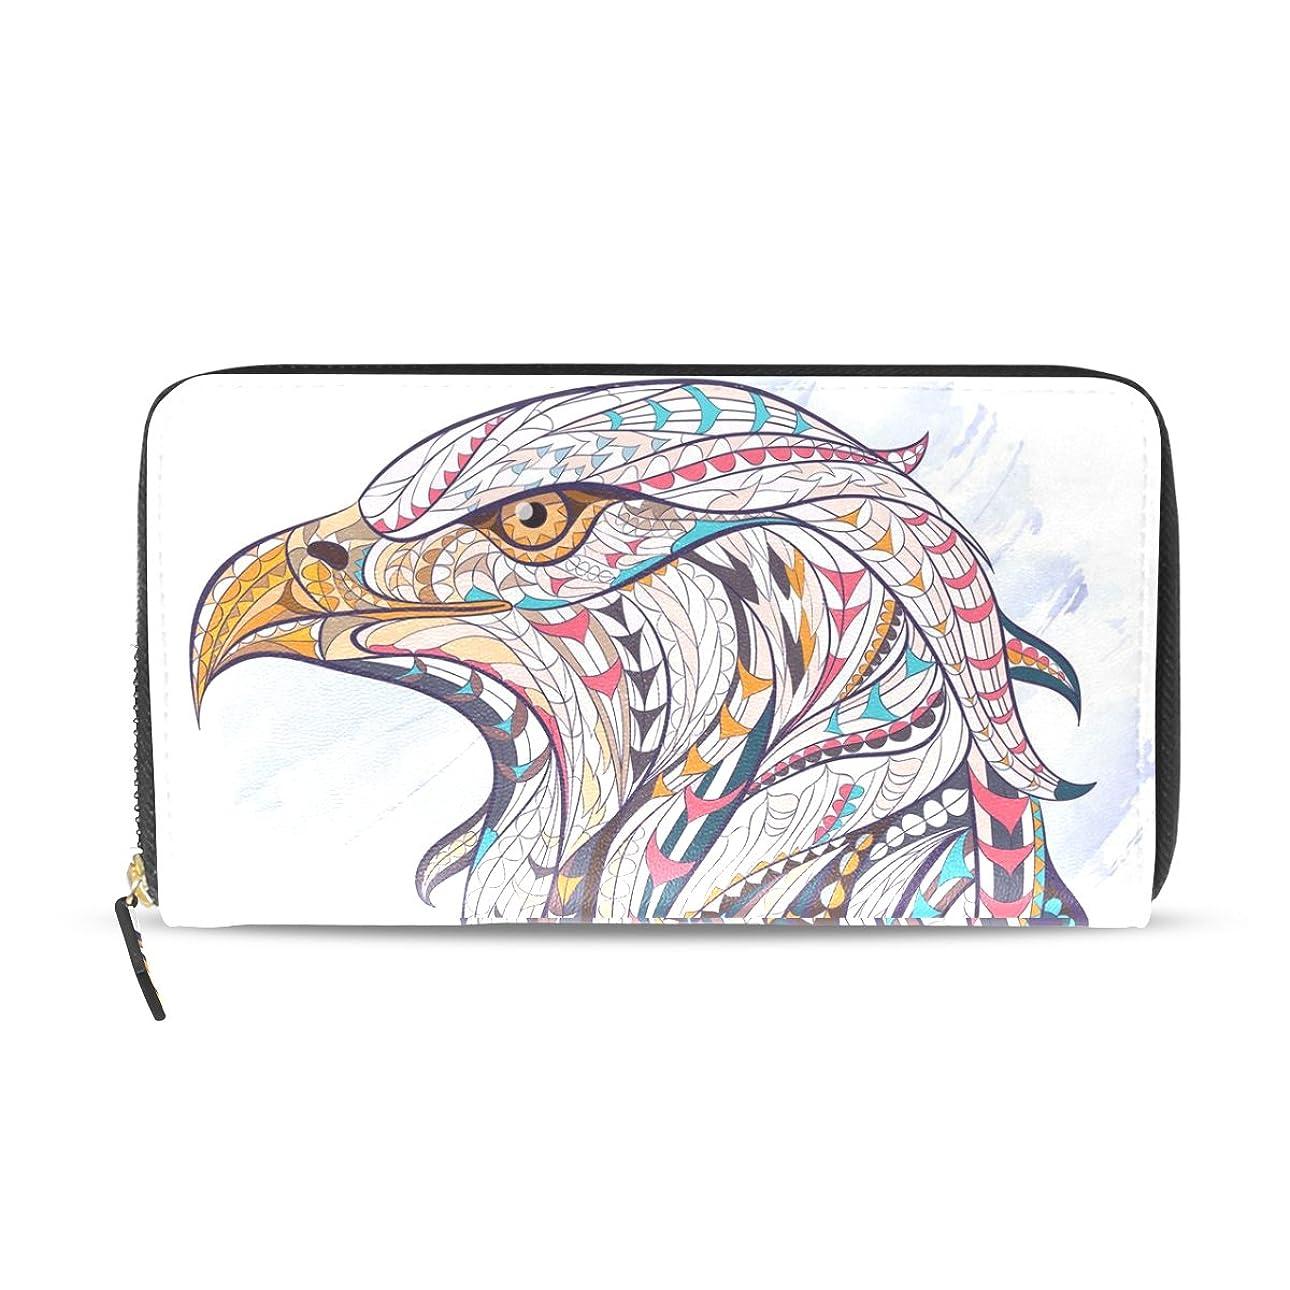 前進醜い変化AOMOKI 財布 長財布 レディース メンズ 革財布 カード たくさん入る 収納 大容量 多機能 プレゼント 鷹柄